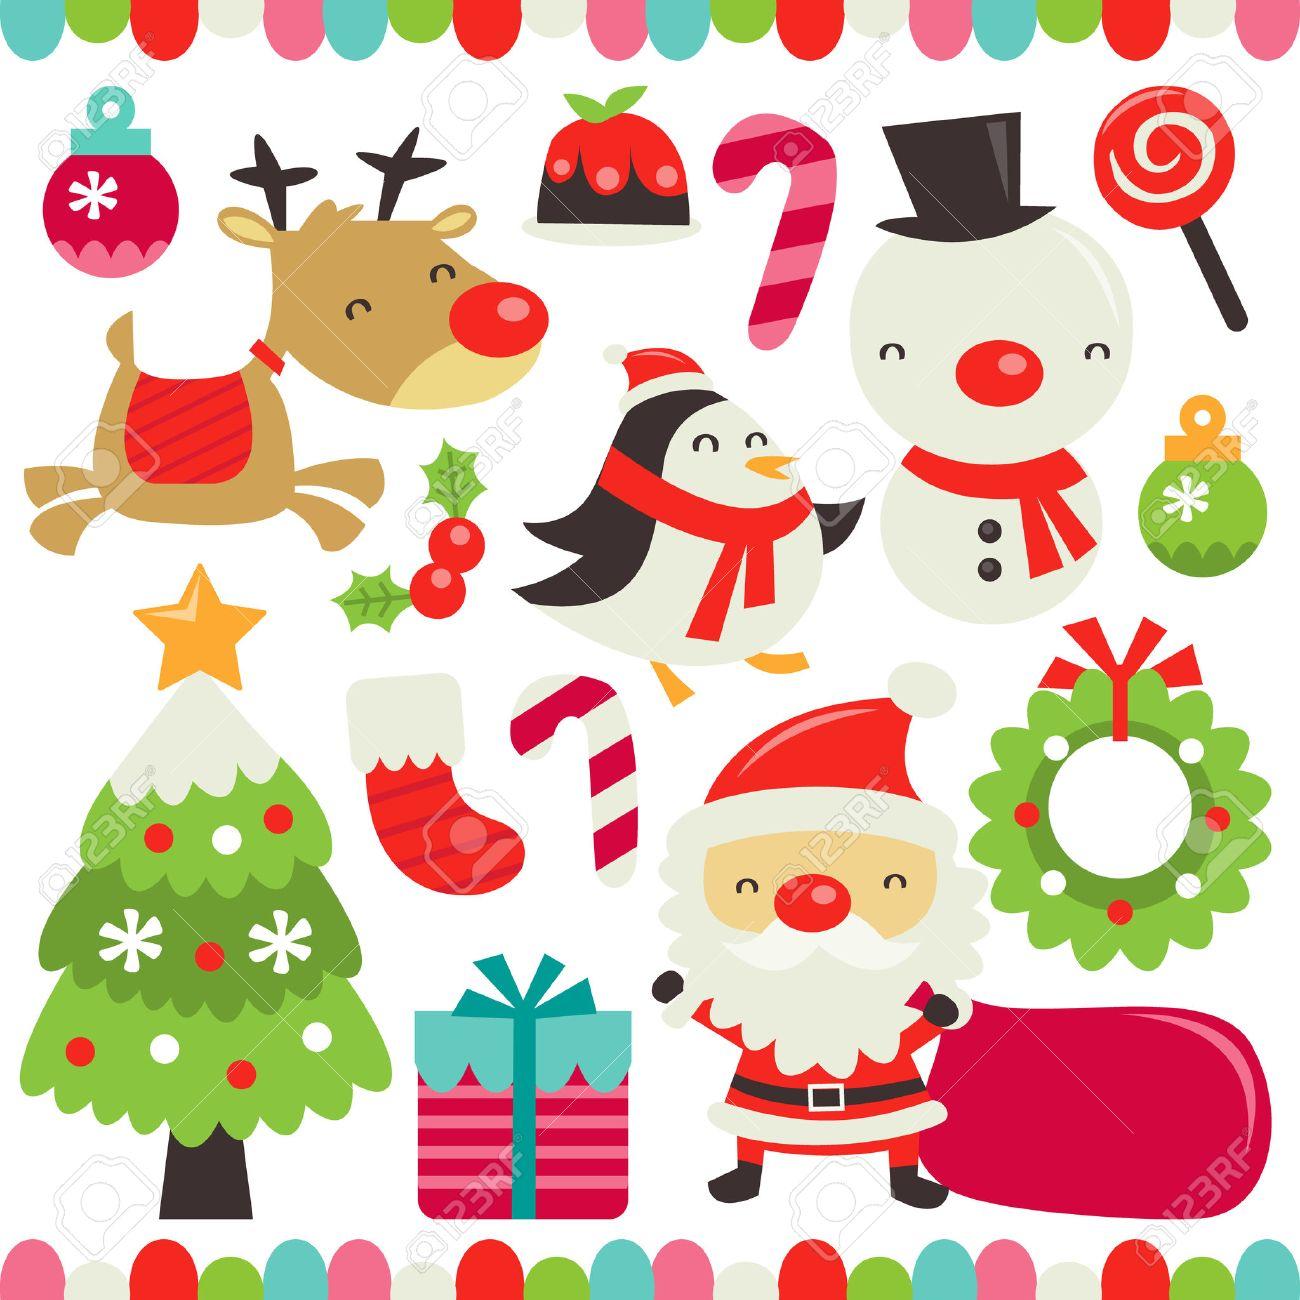 Immagini Vettoriali Natale.Una Illustrazione Vettoriale Di Un Set Di Natale Carino Retro Incluso In Questo Set Ornamenti Di Natale Budino Di Natale Zucchero Filato Del